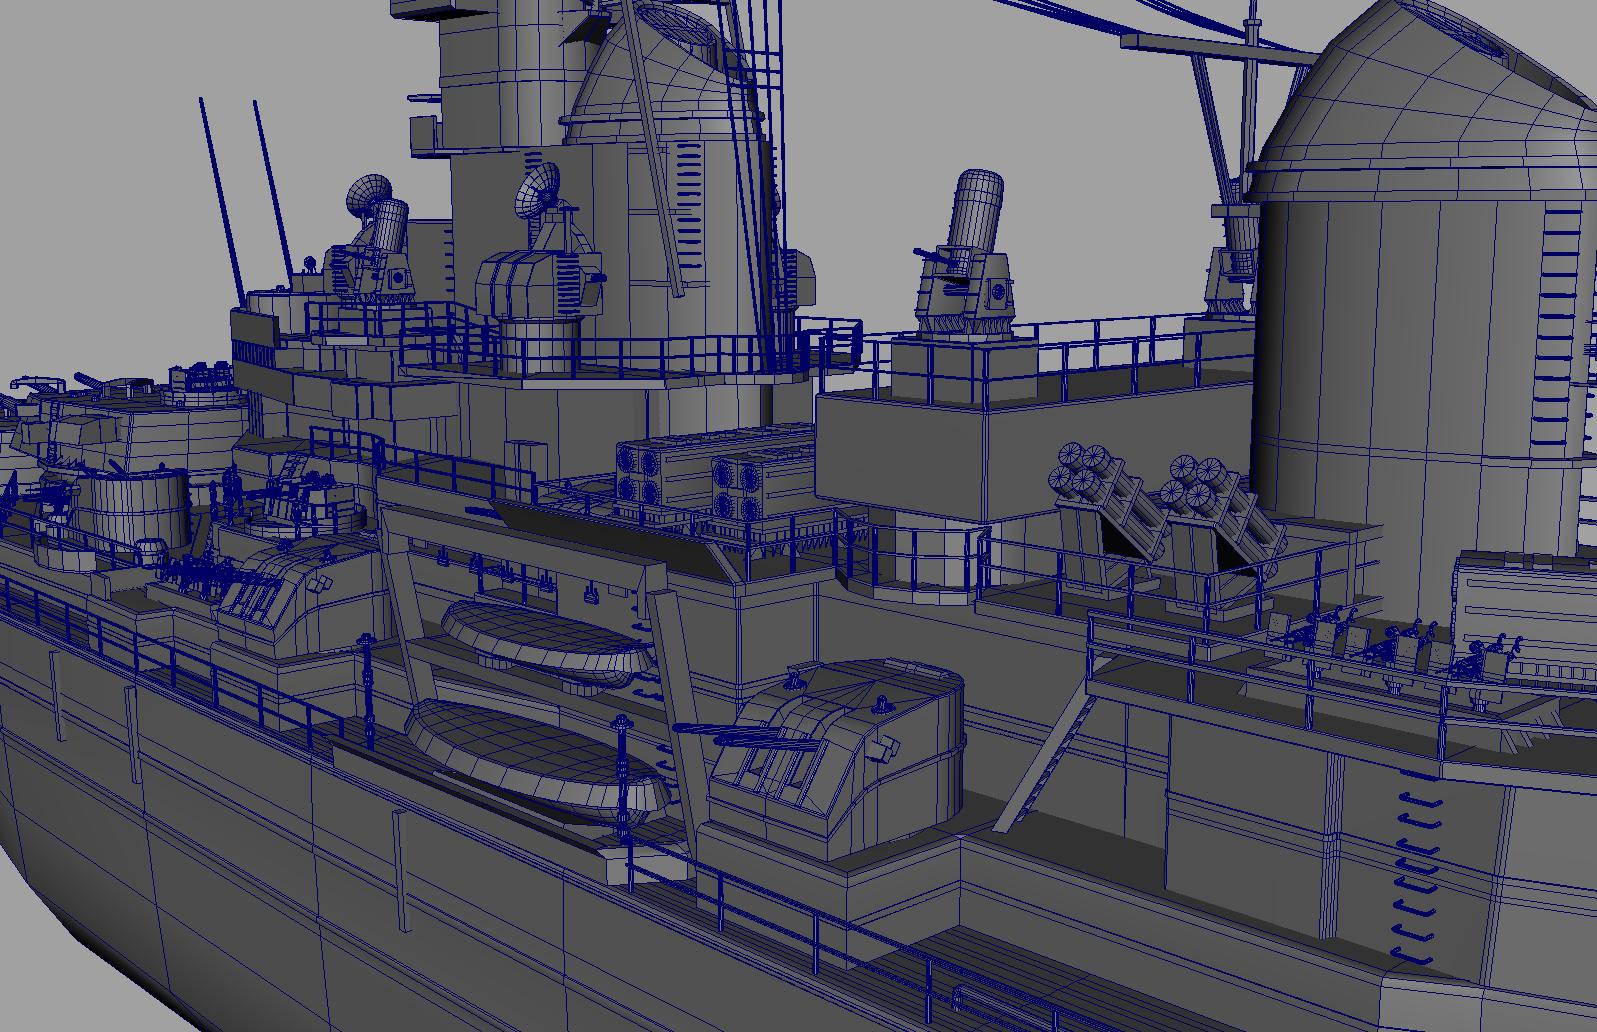 hight resolution of uss iowa bb 61 class 3d model battleship